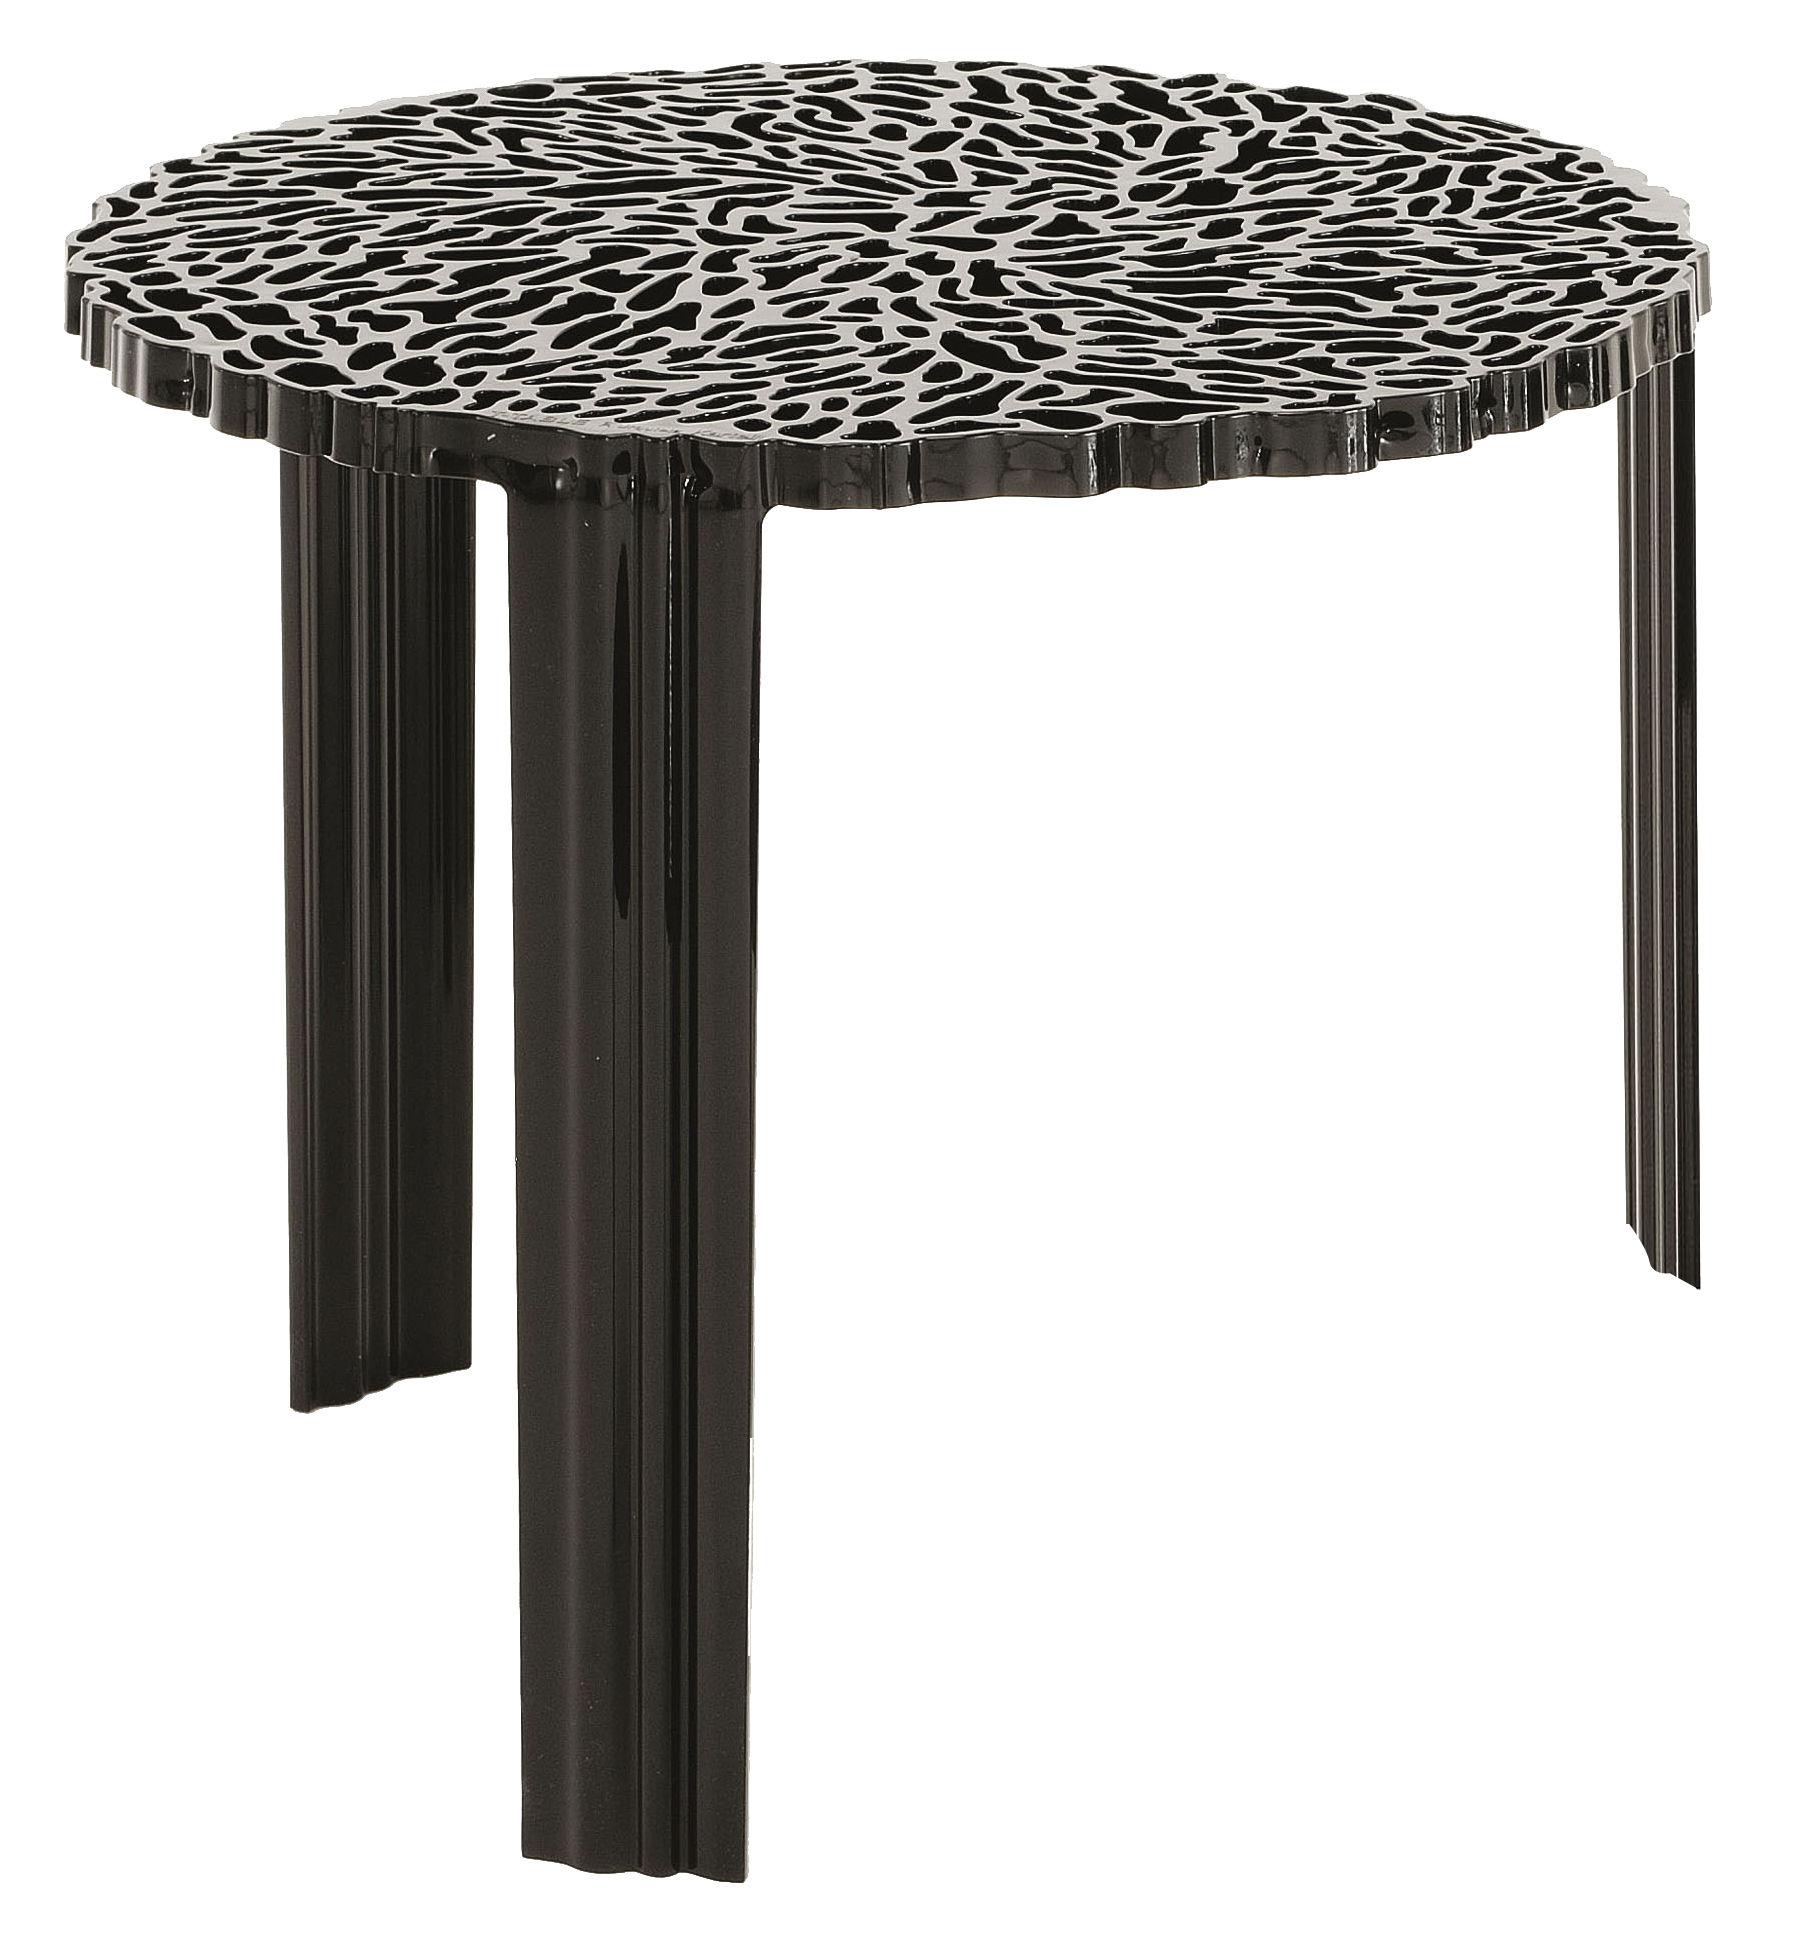 Möbel - Couchtische - T-Table Alto Couchtisch - Kartell - Opakschwarz - PMMA